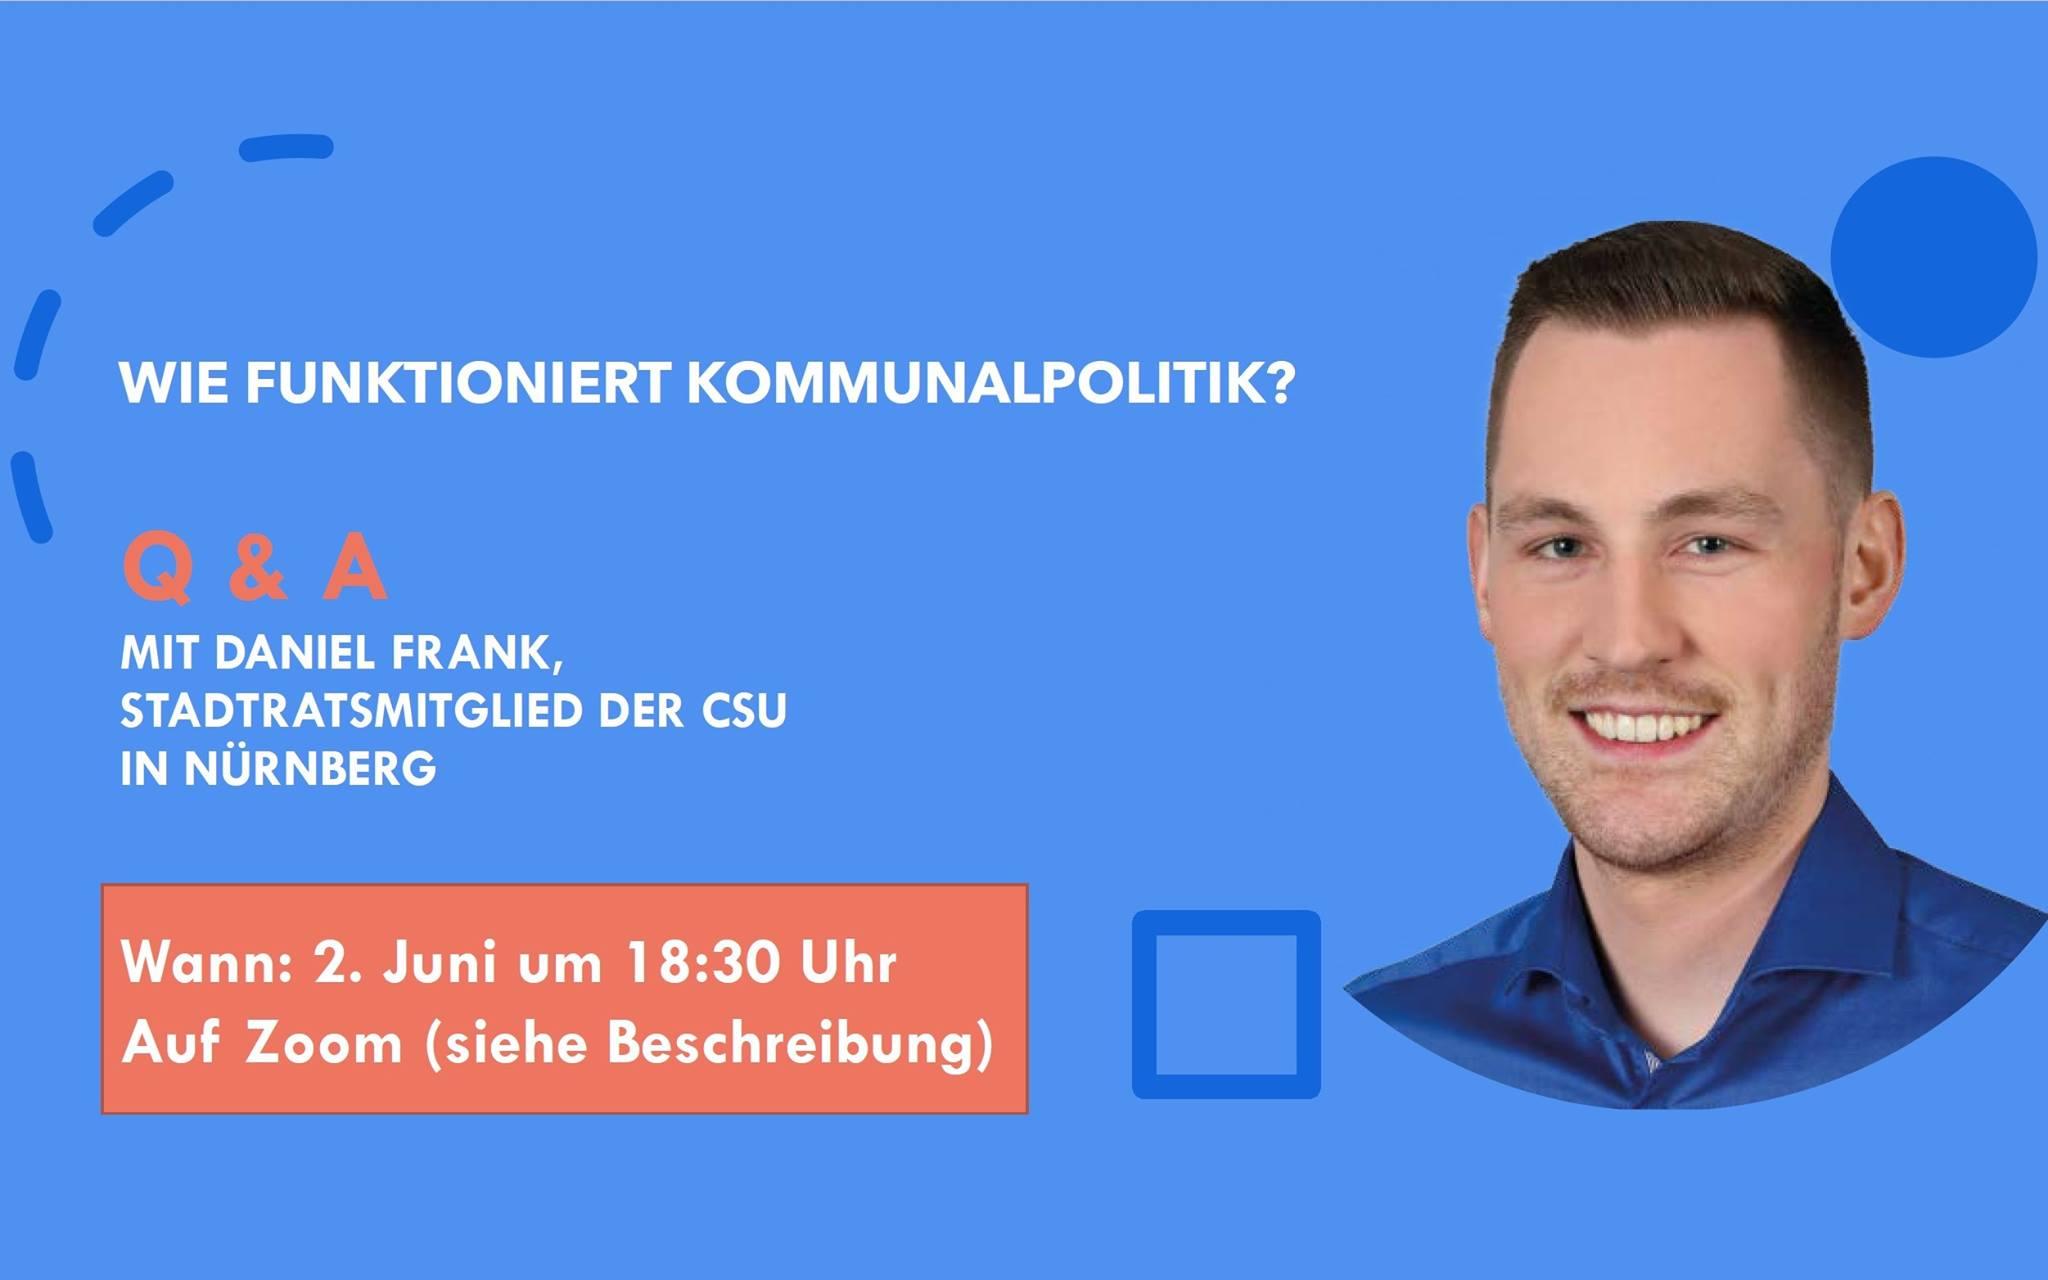 Bild zur Veranstaltung Kommunalpolitik: Frag ein Stadtratsmitglied